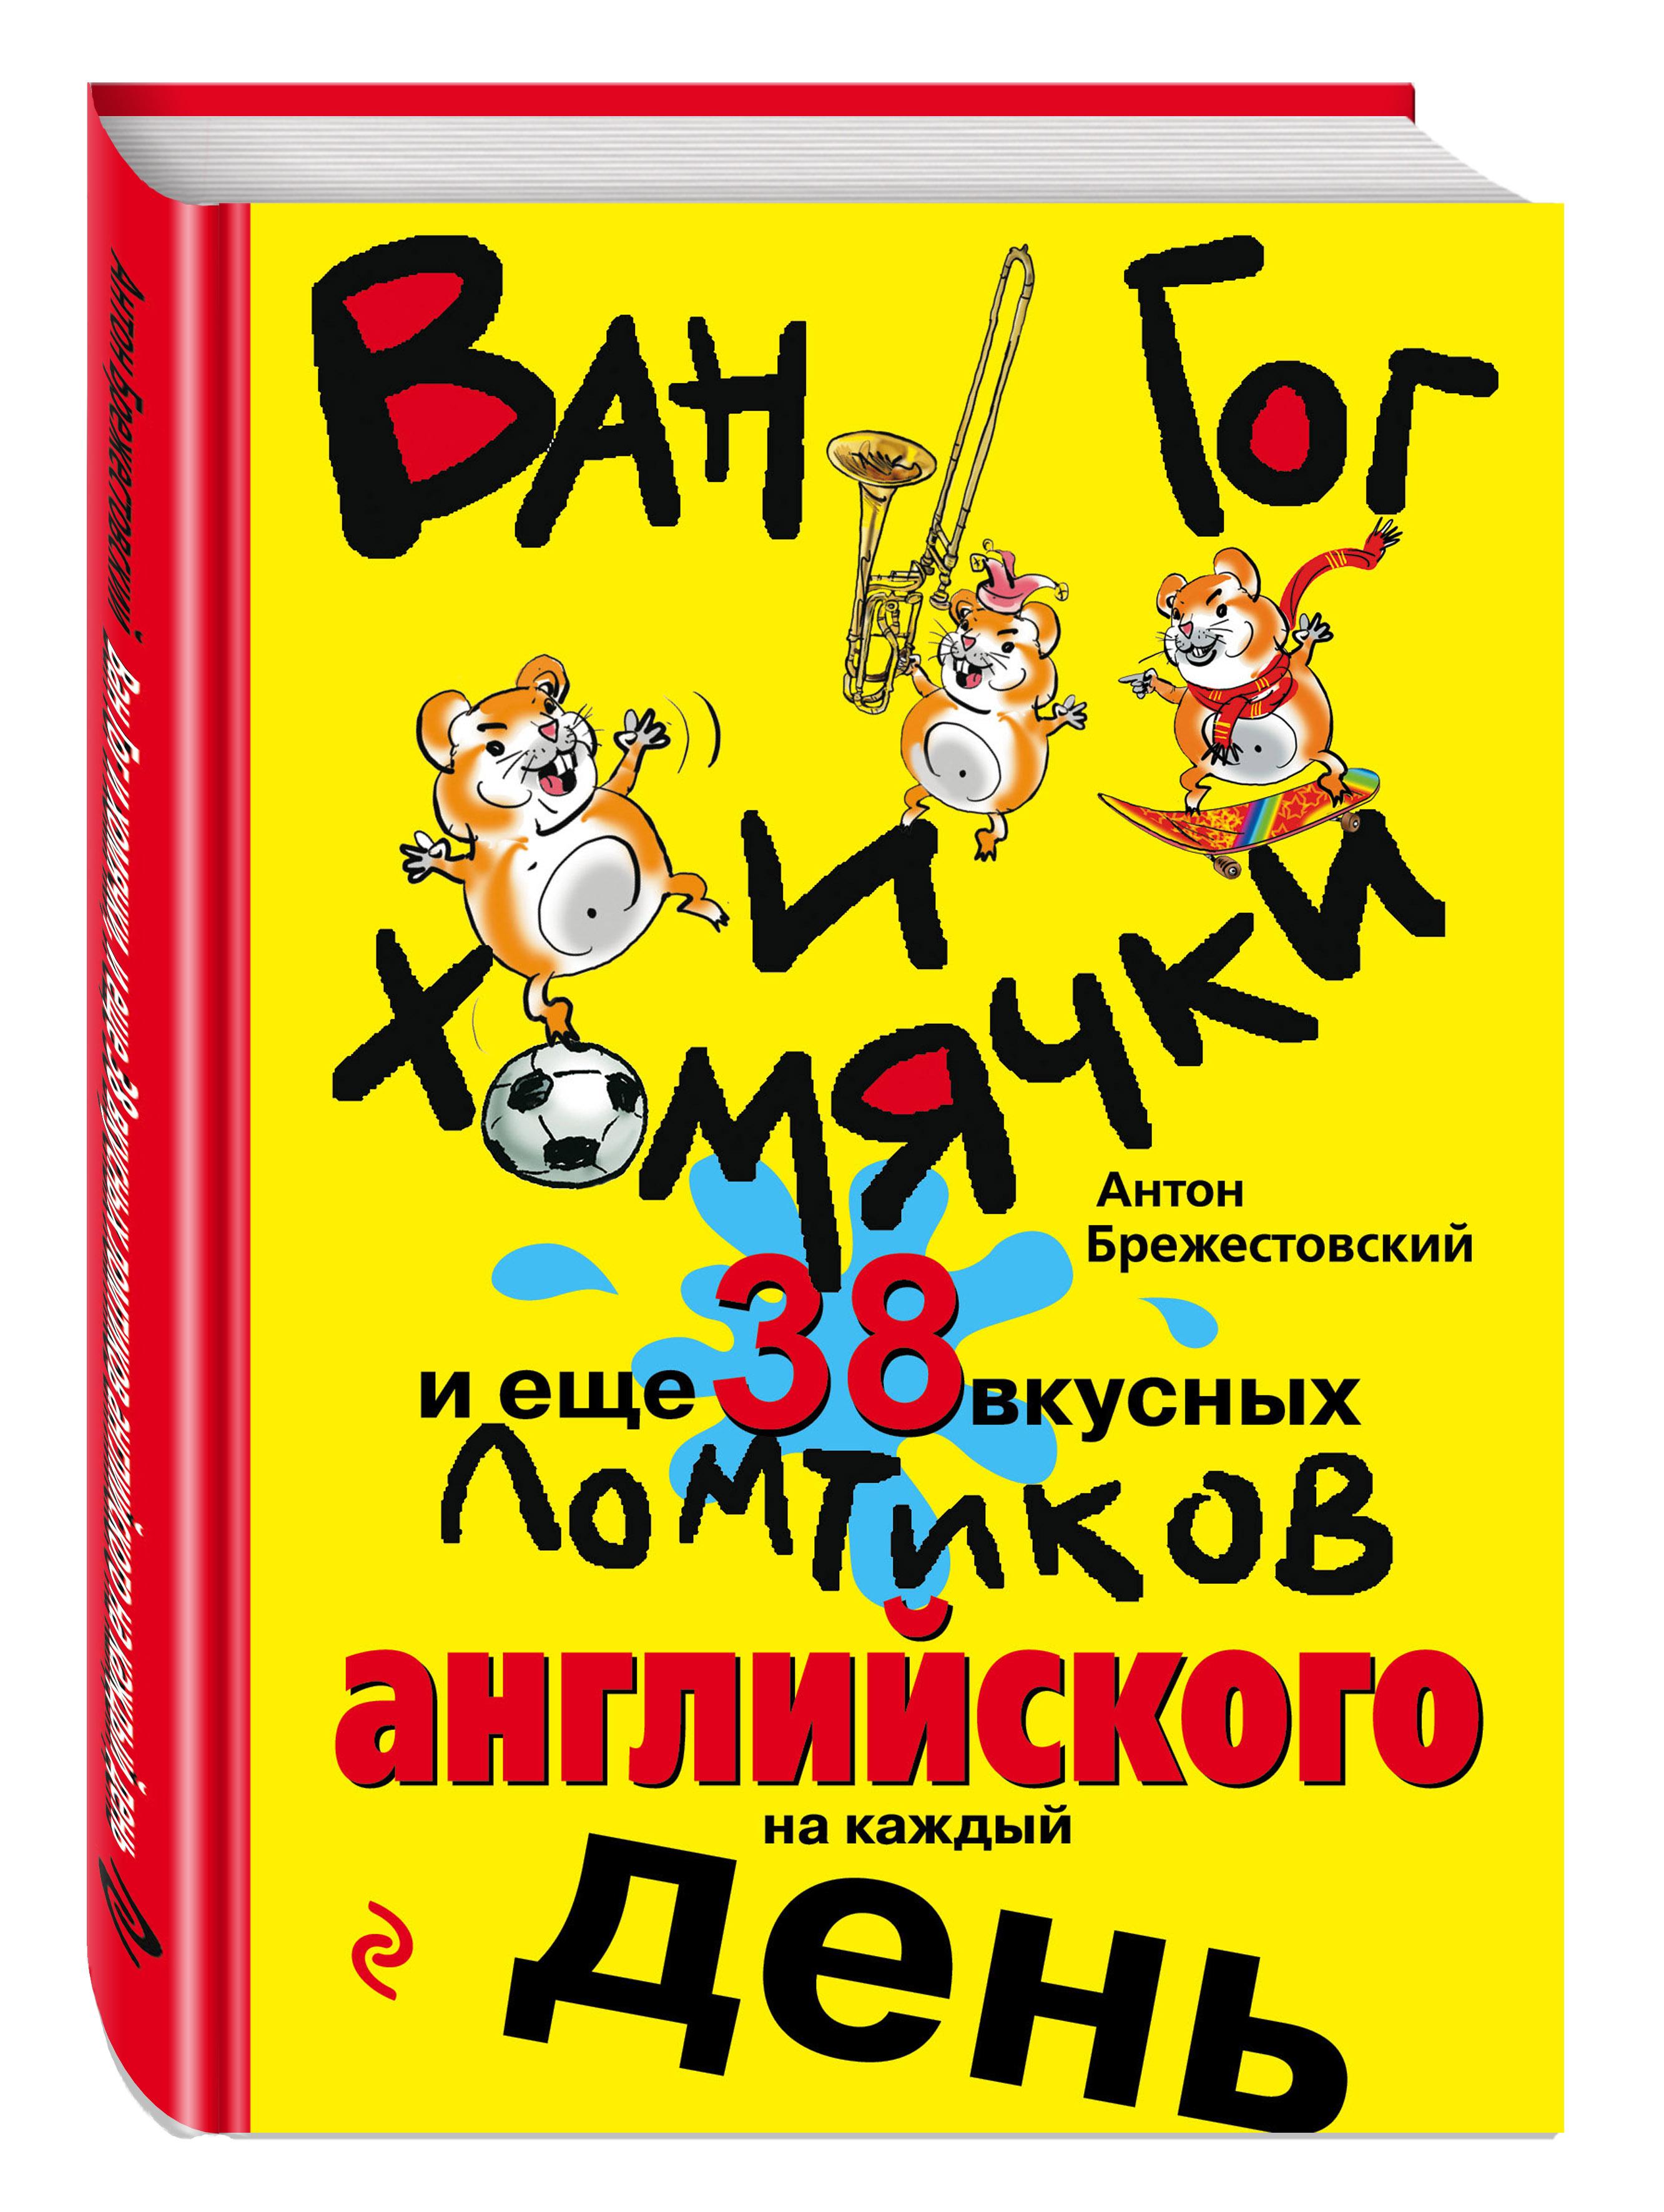 Антон Брежестовский Ван Гог и хомячки, и еще 38 вкусных ломтиков английского на каждый день офисные хомячки